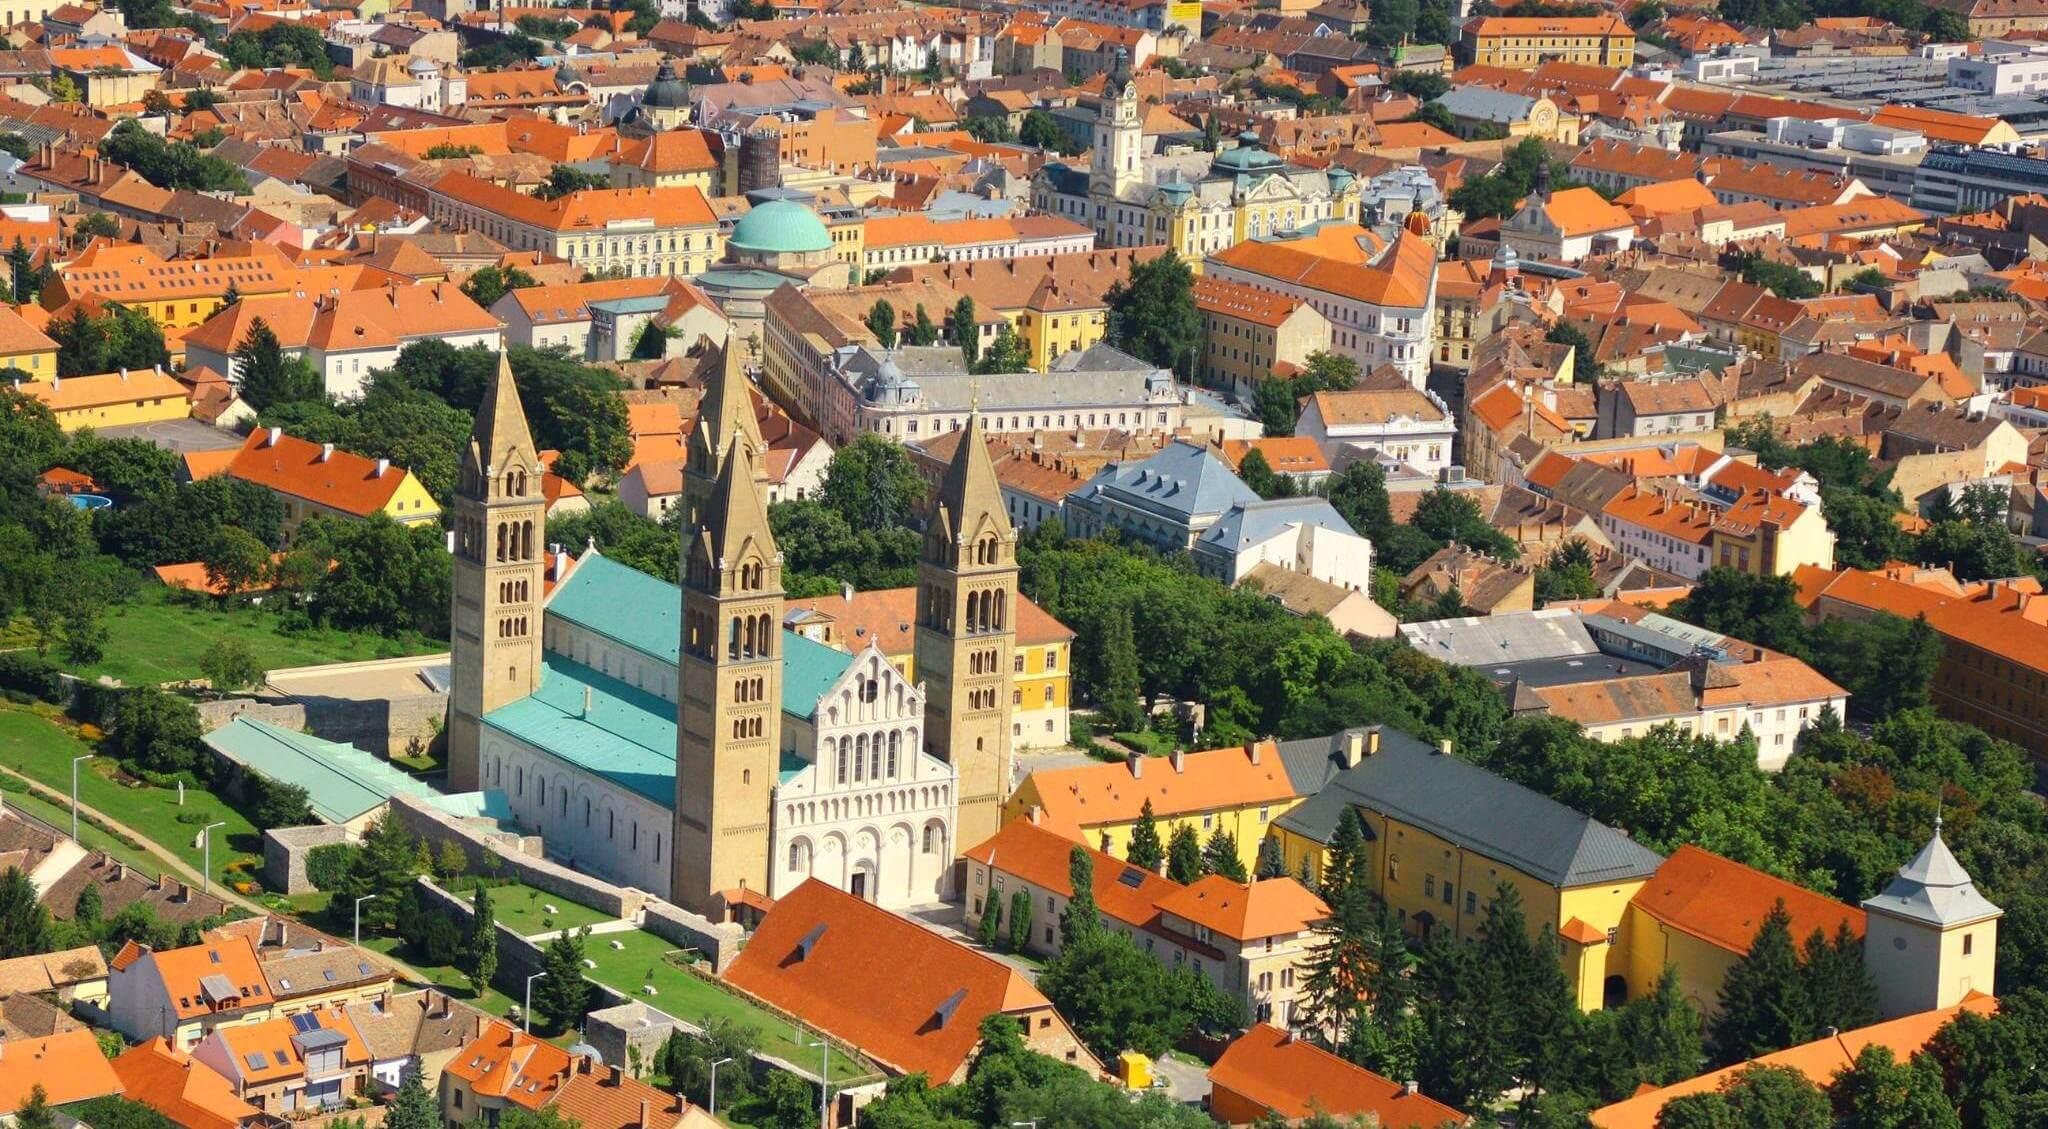 A kerékpáros és a buszos közlekedést támogatja Pécs fejlesztési projektje